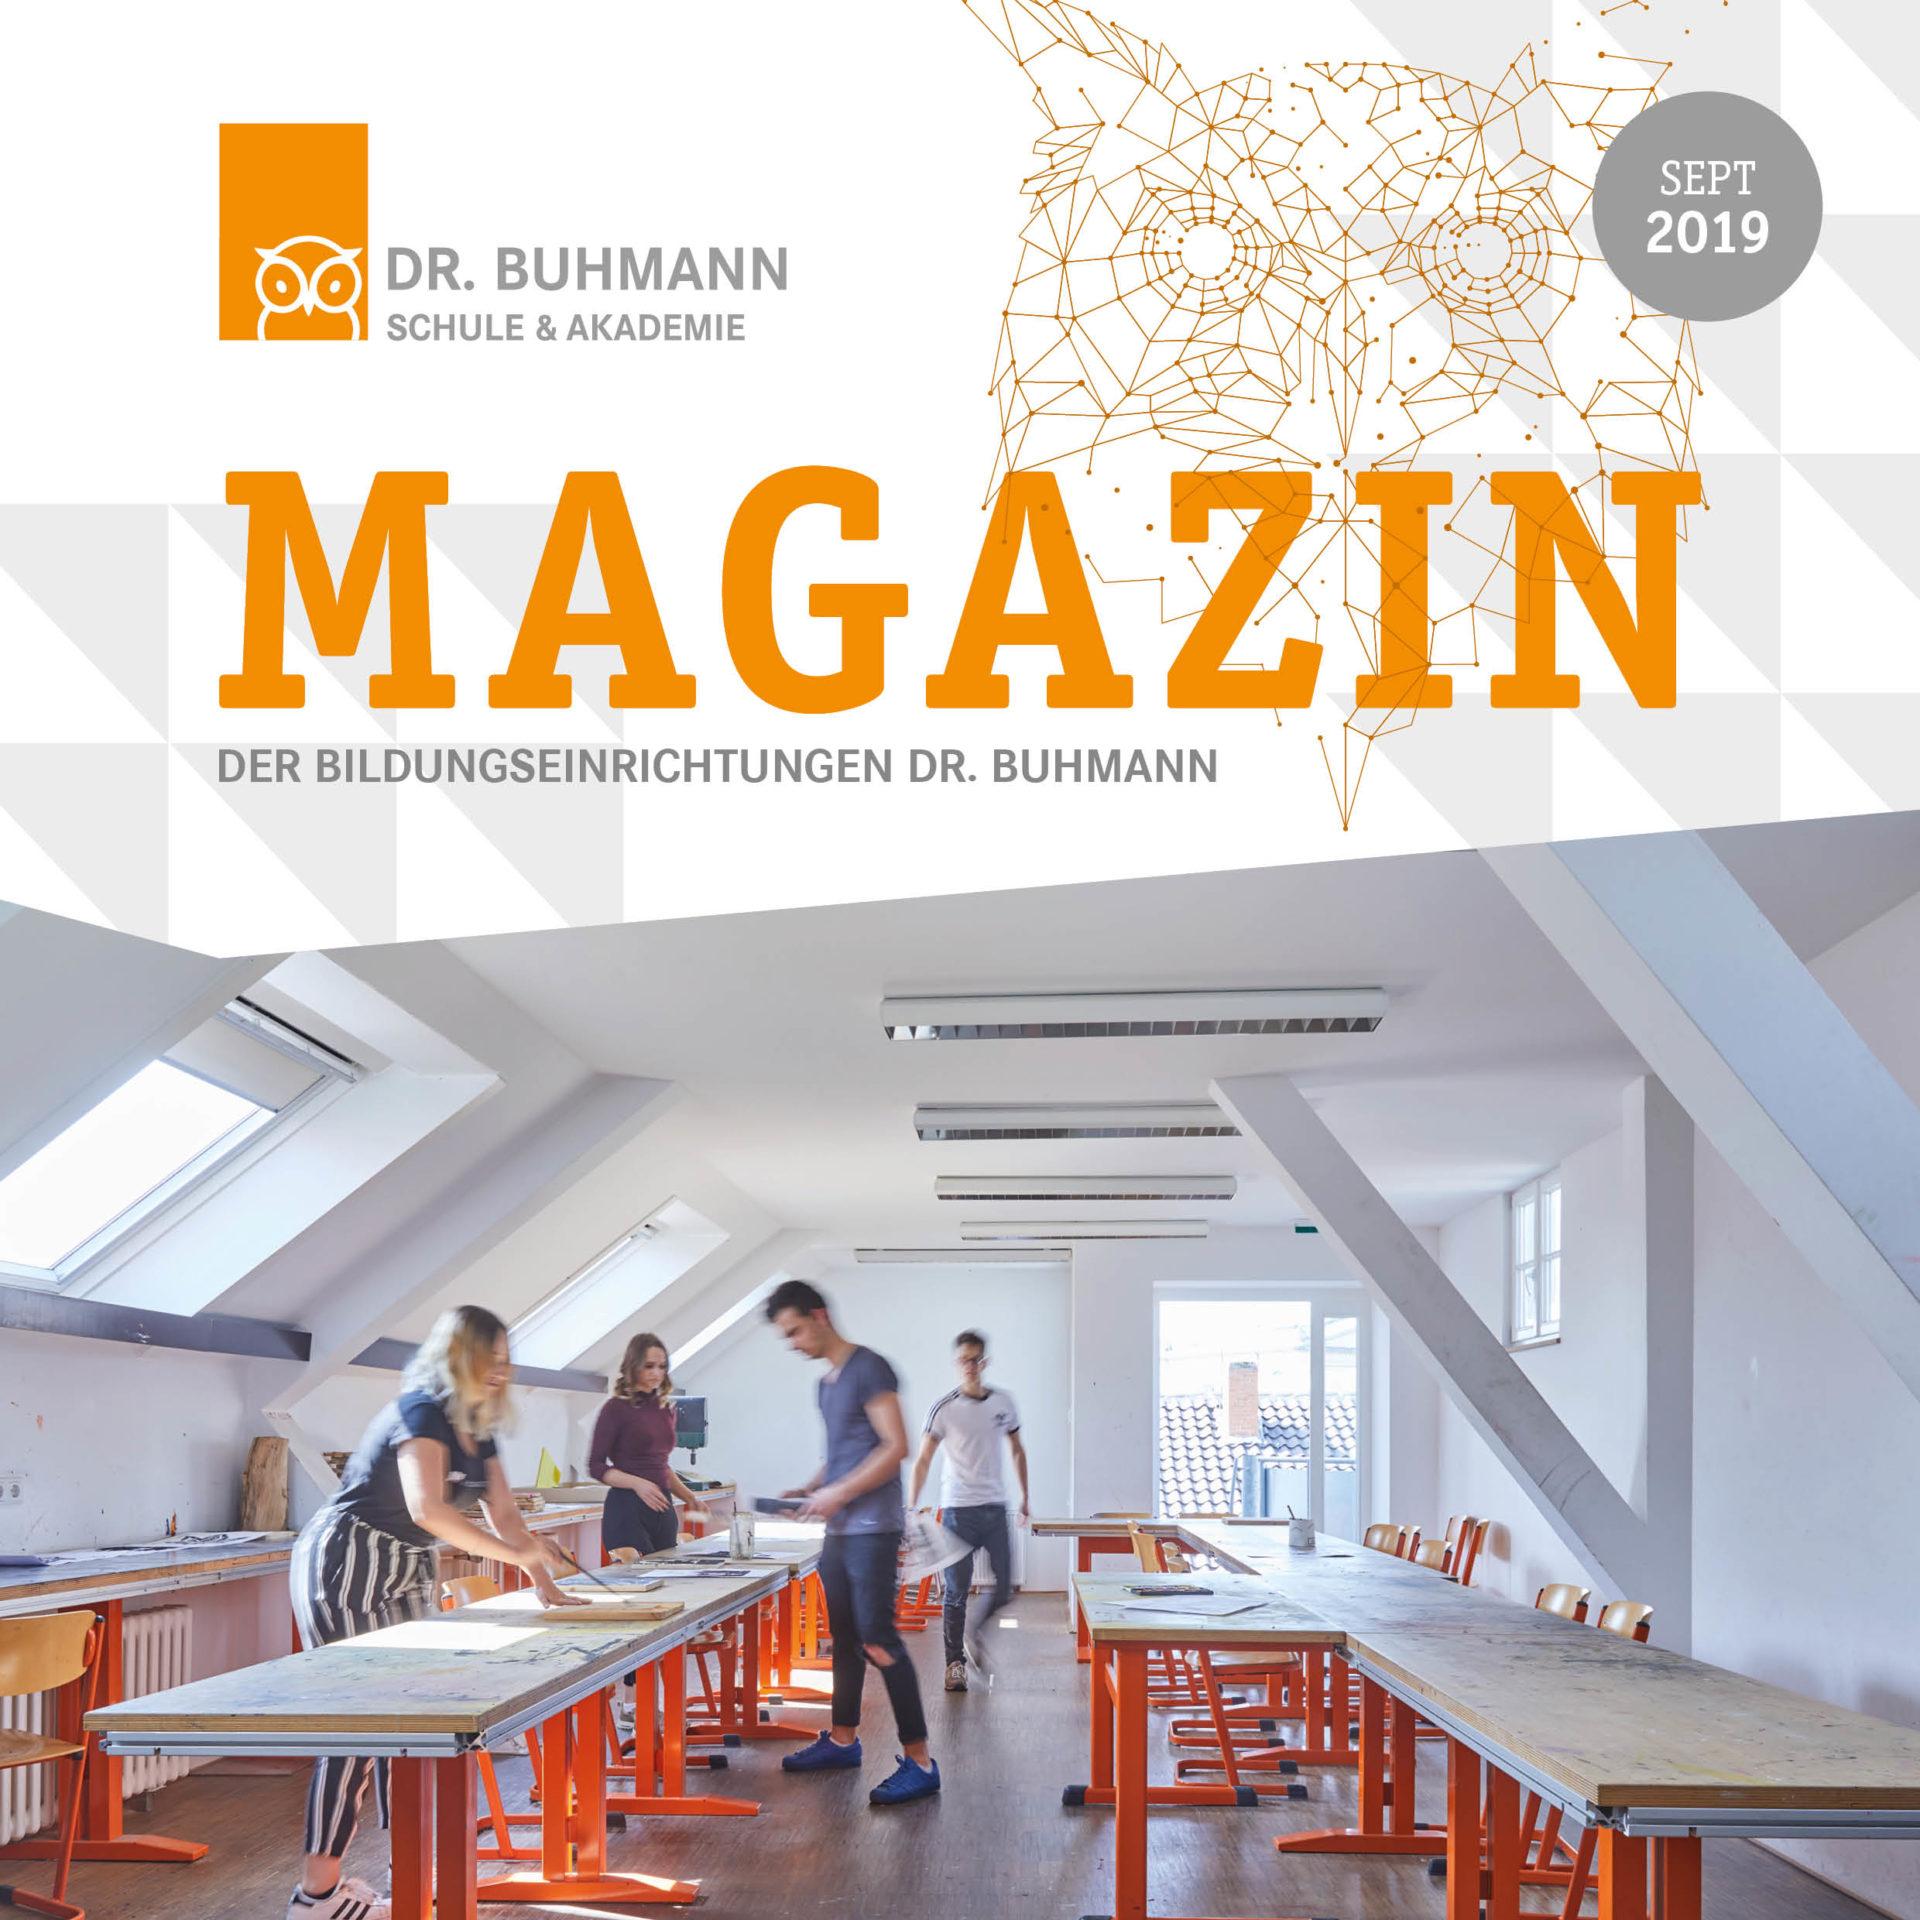 Titelblatt der Septemberausgabe des Dr. Buhmann Magazins